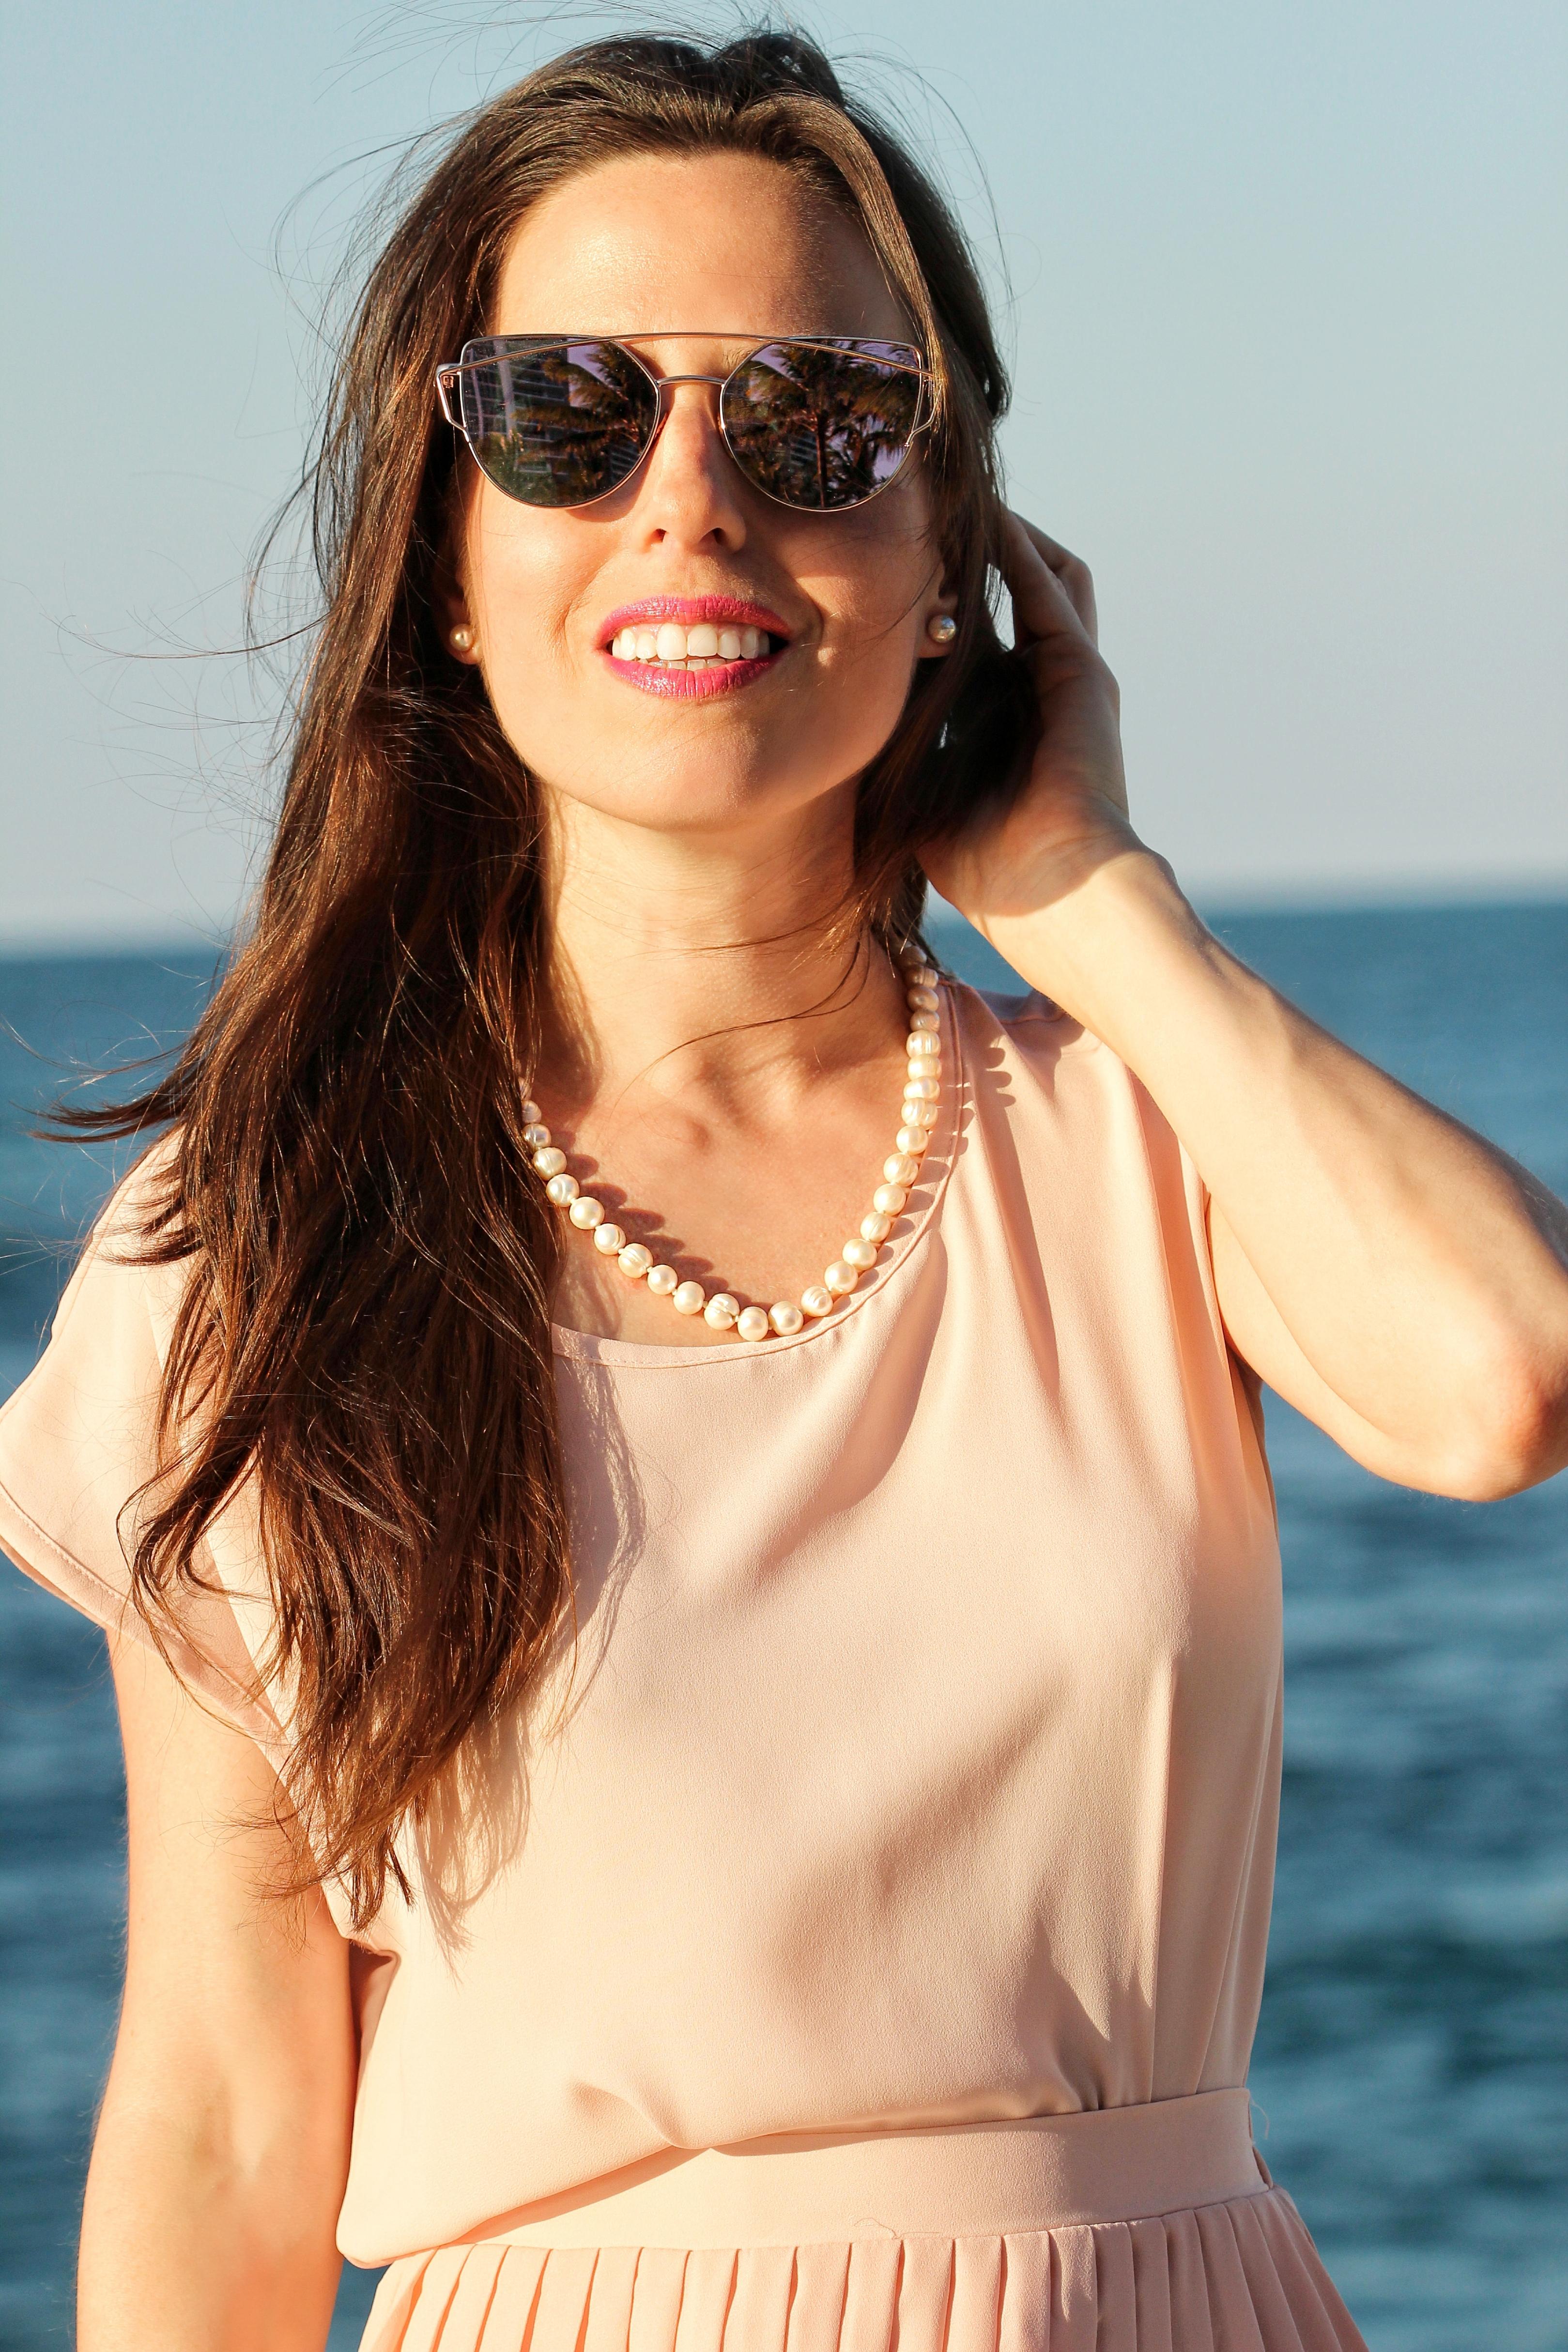 pink mirrored sunglasses